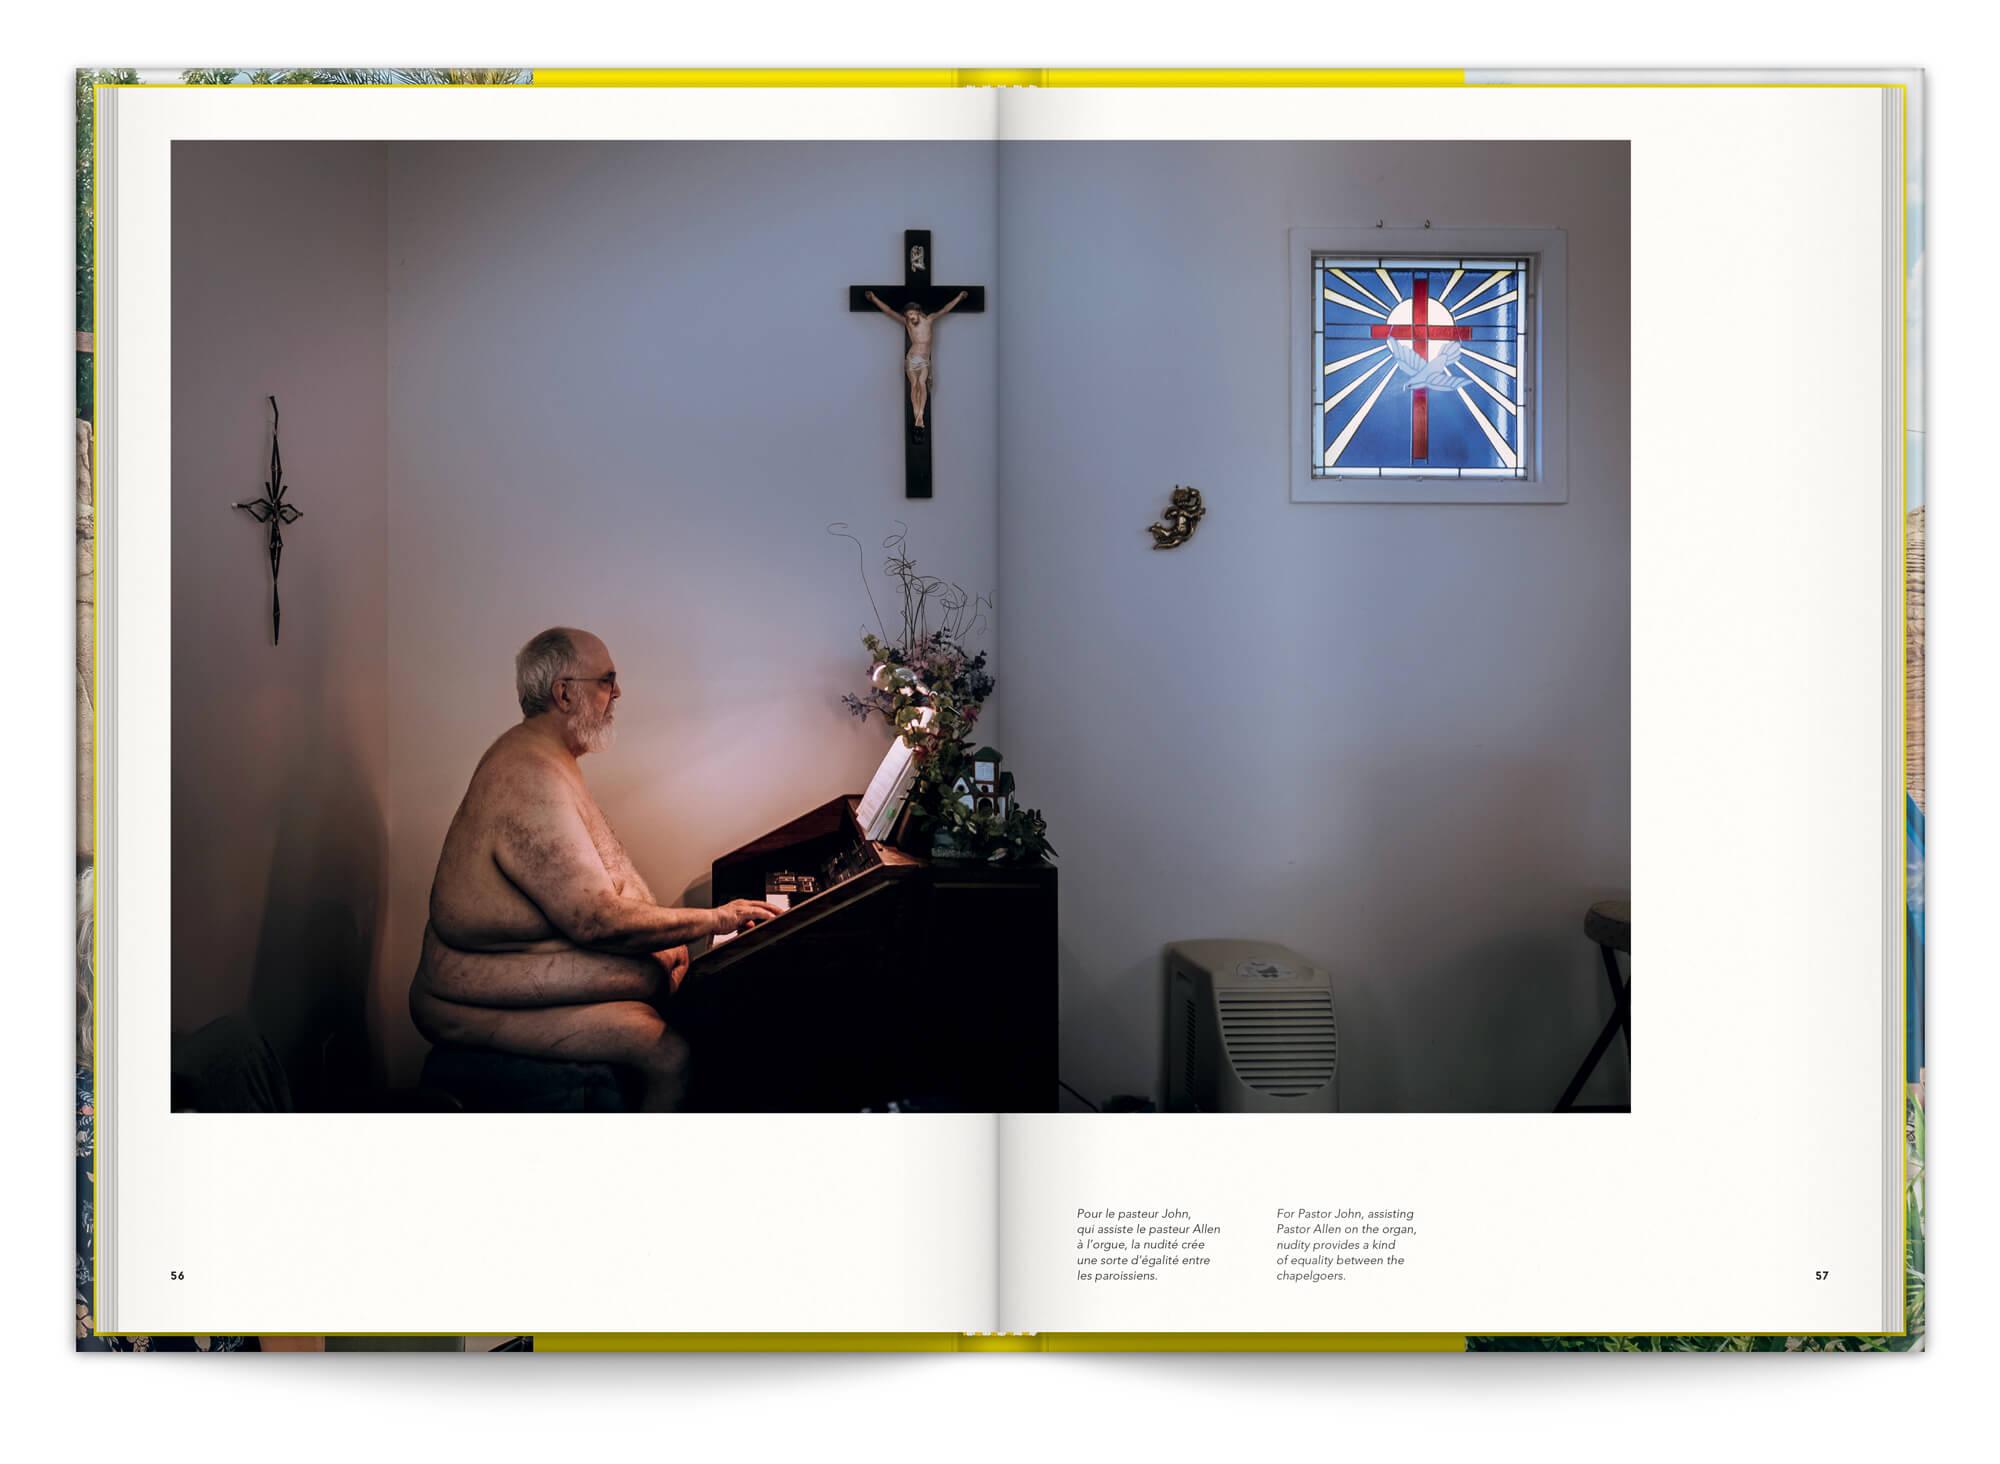 La série Naked Church de Cyril Abad photographie une communauté naturiste, design IchetKar